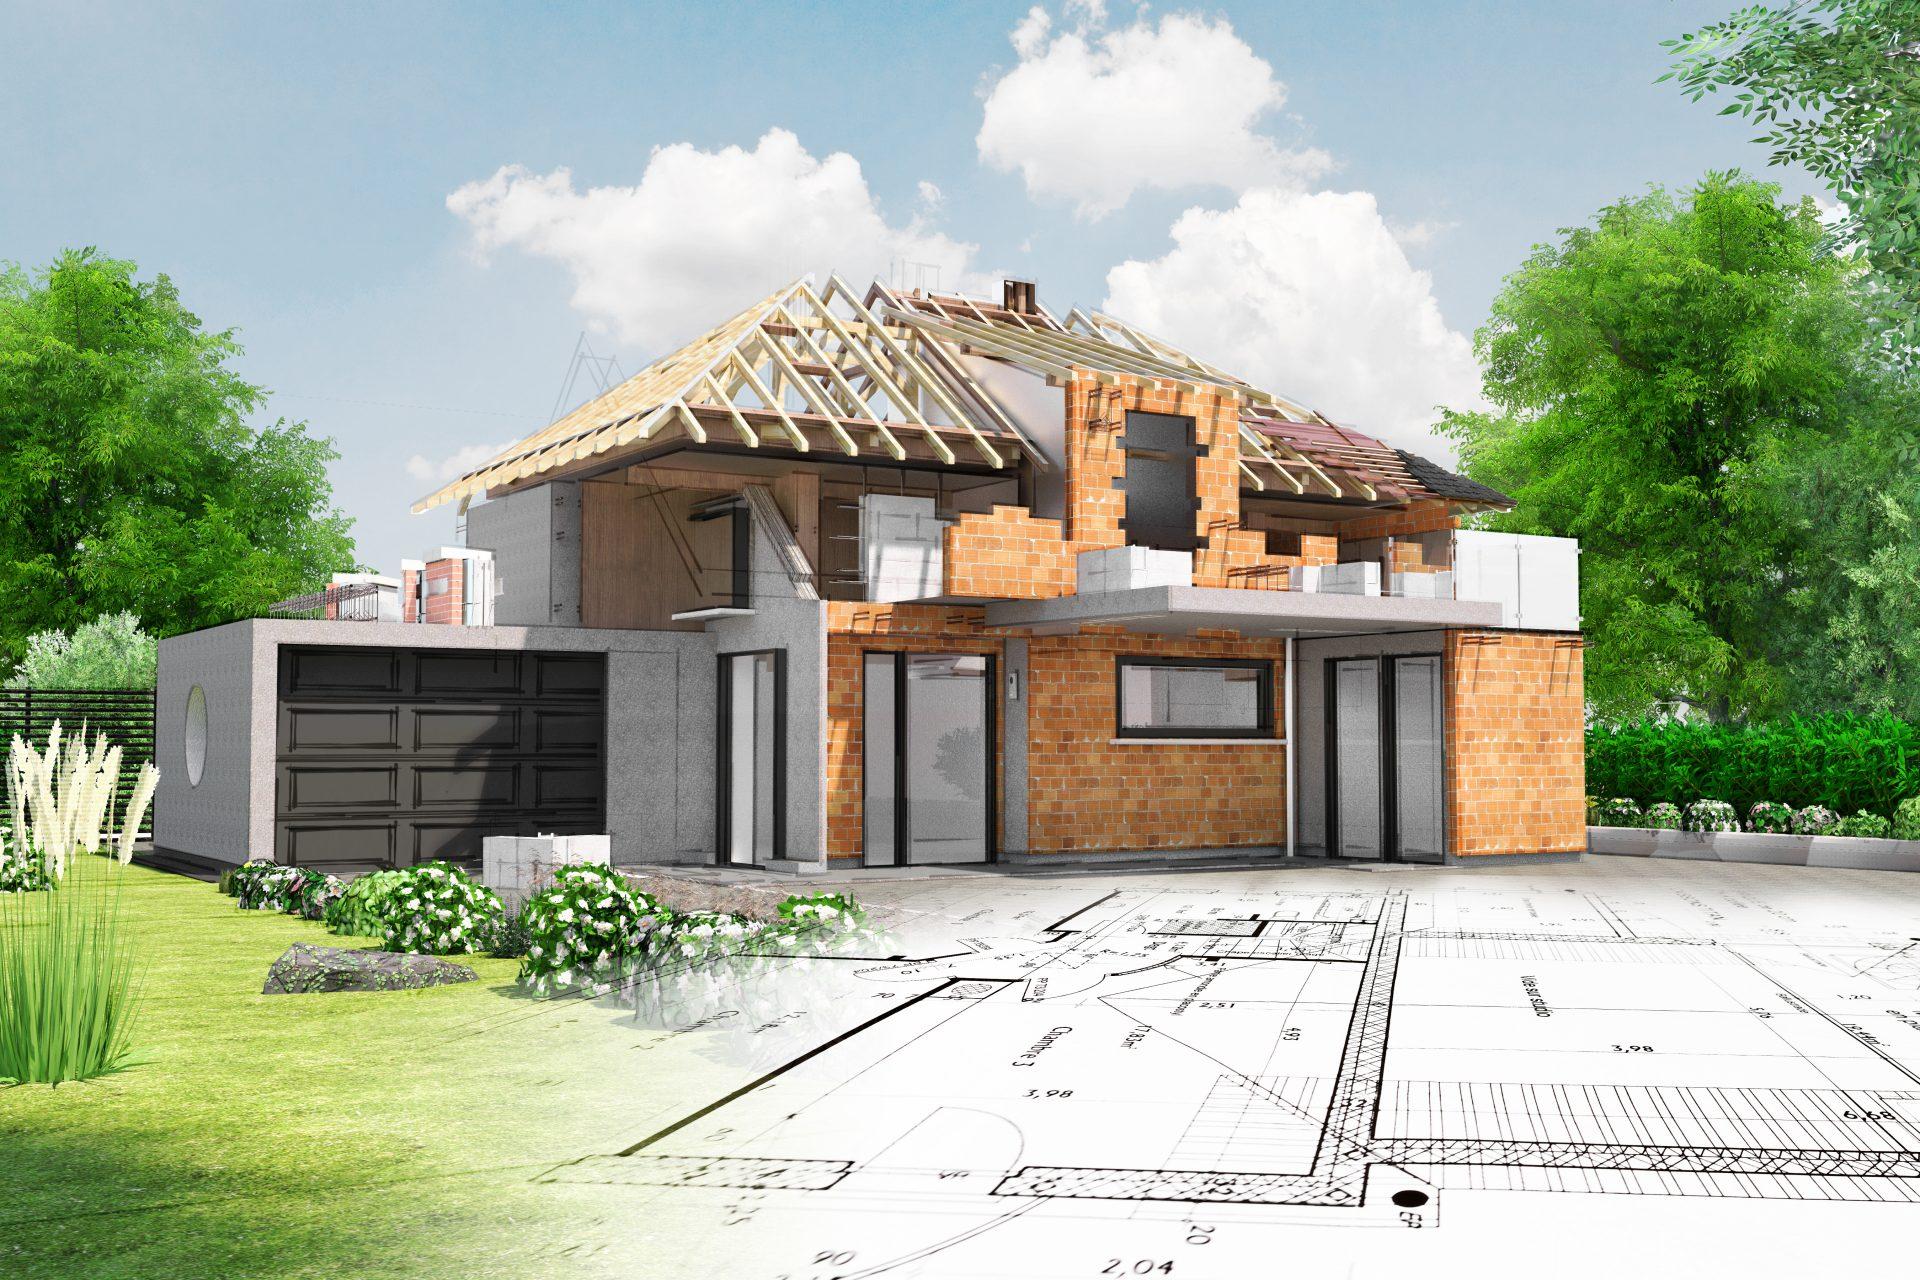 Stavba domu krok za krokom – 2. časť